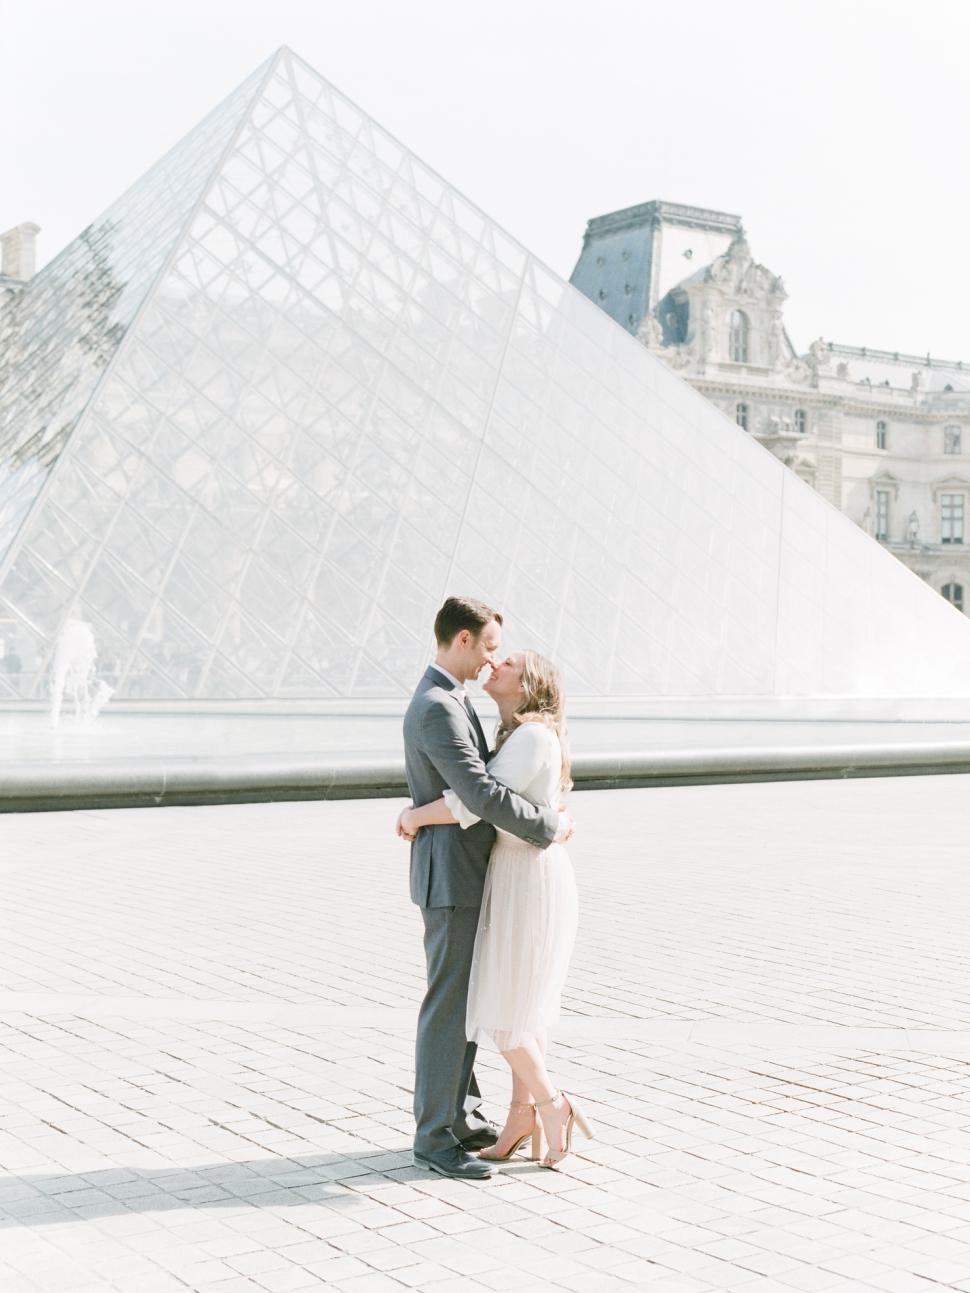 Paris-Photographer-Louvre-Museum-Engagement-Session_04.jpg